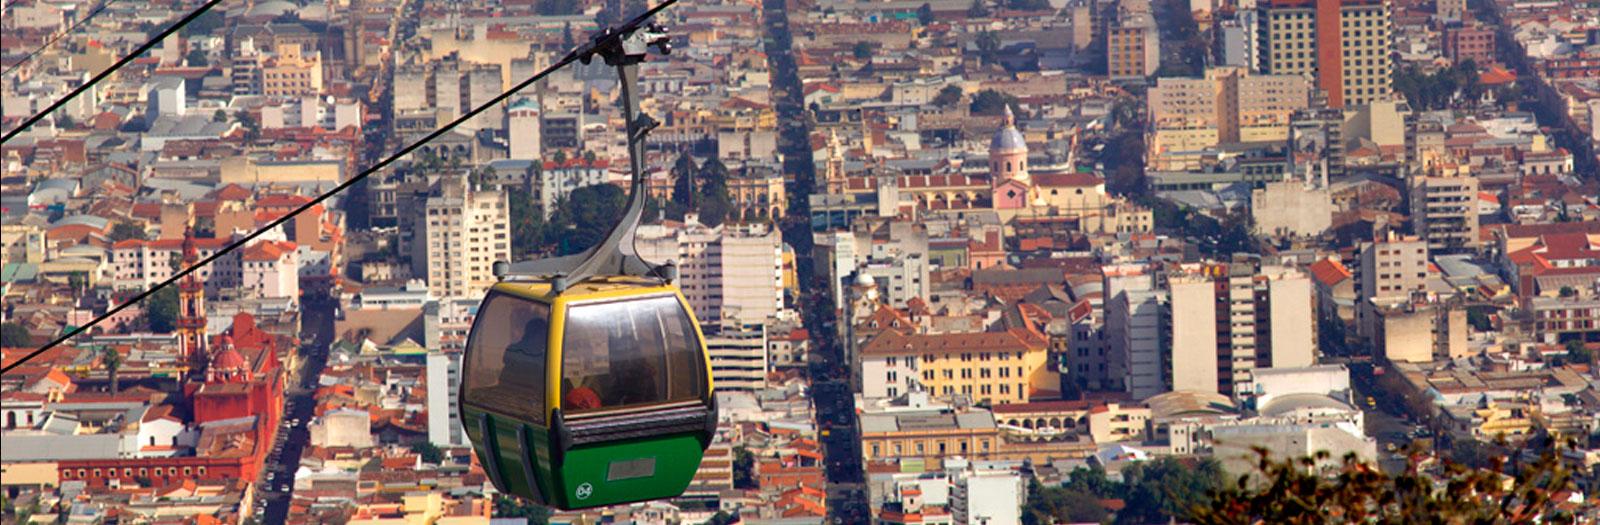 Teleférico, vista aérea del casco histórico, Salta. Por Eliseo Miciu (turismo.salta.gov.ar)